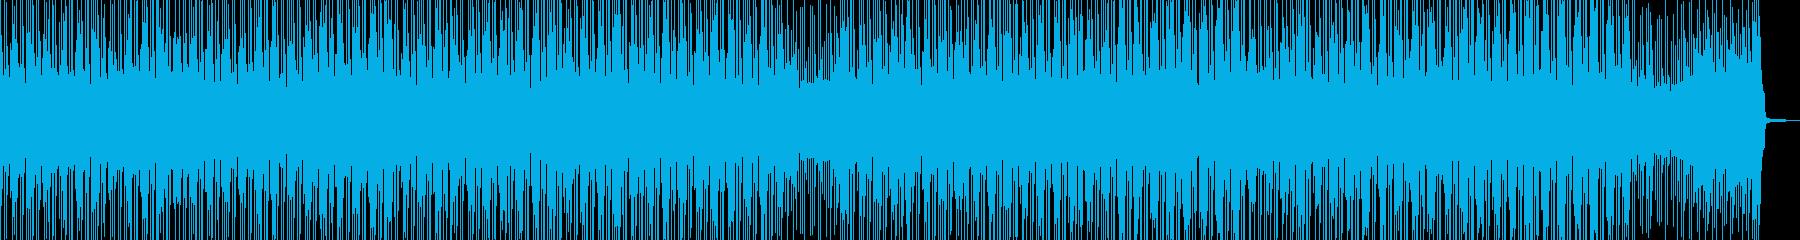 ピクニック・お出かけシーンを彩るポップAの再生済みの波形